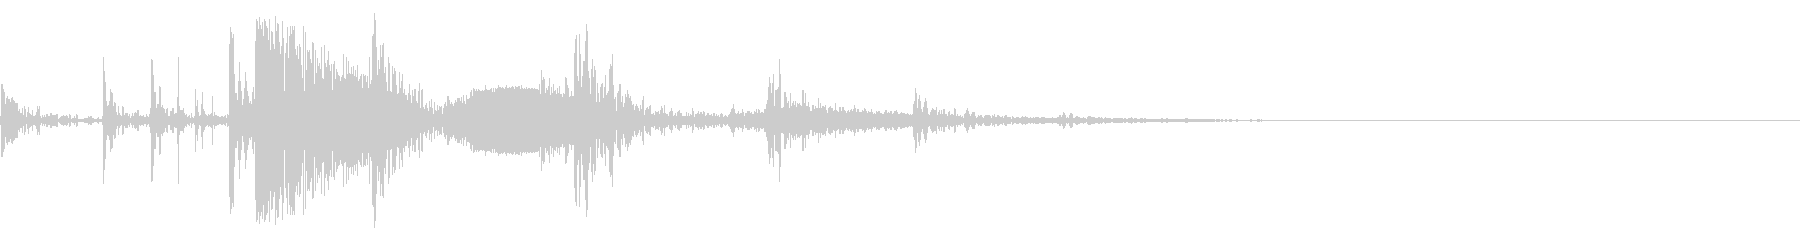 ドリンクグラスドロップとリング、フォリーの未再生の波形